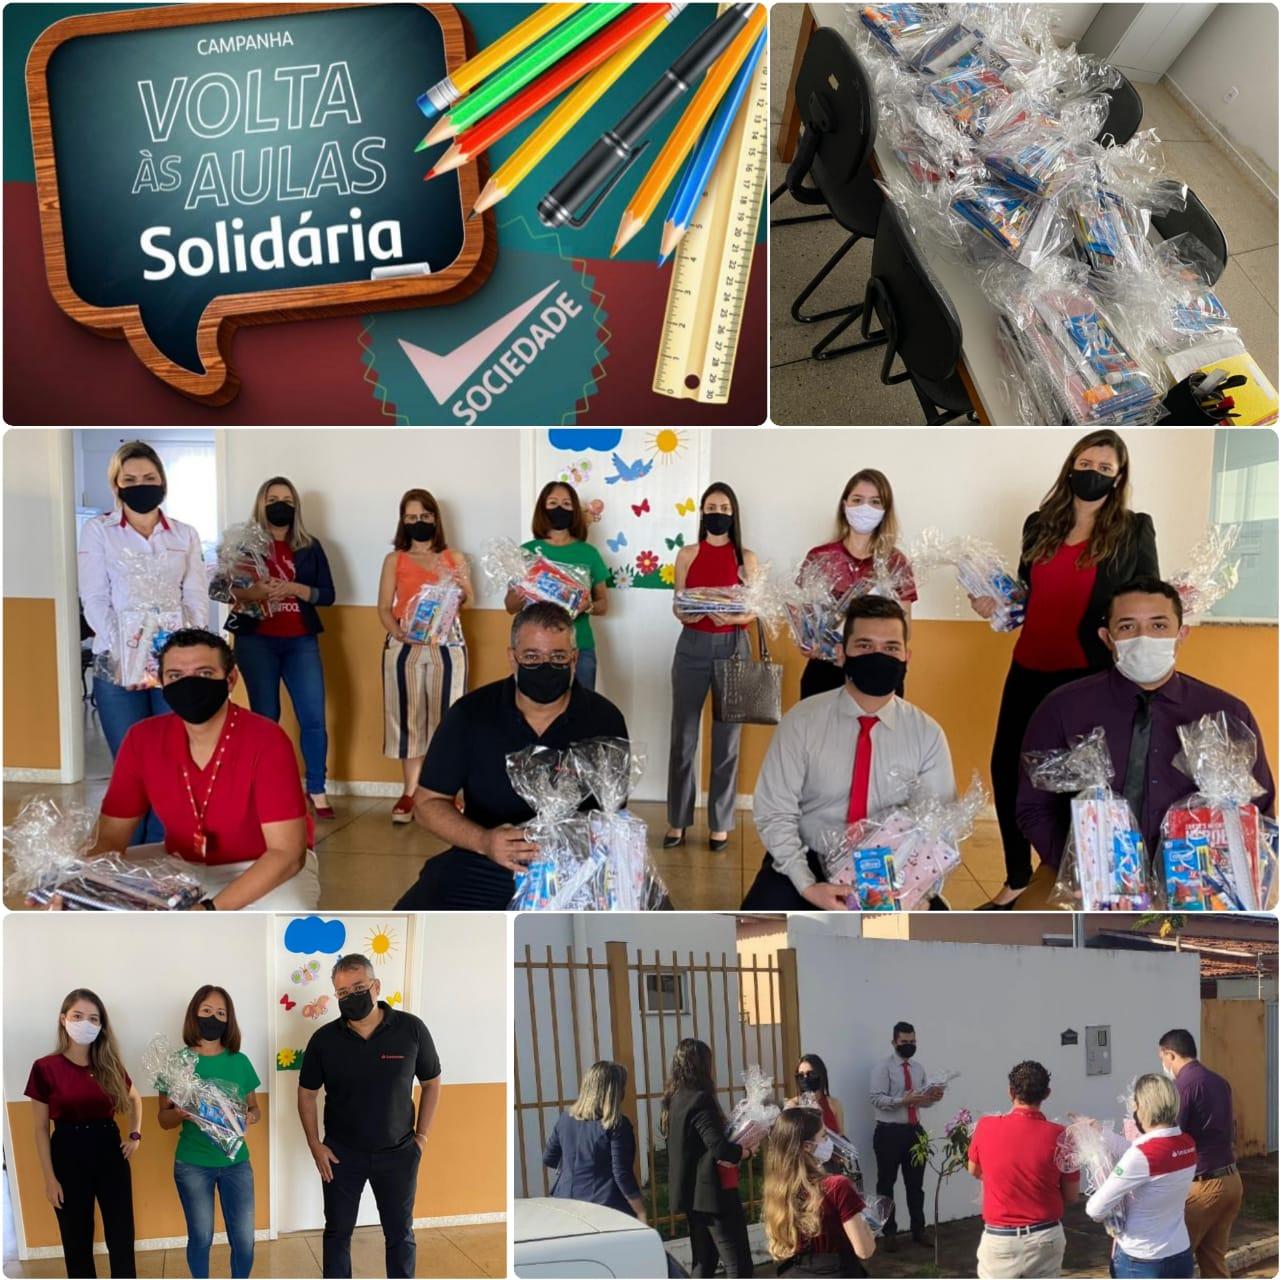 Ação volta as aulas solidária